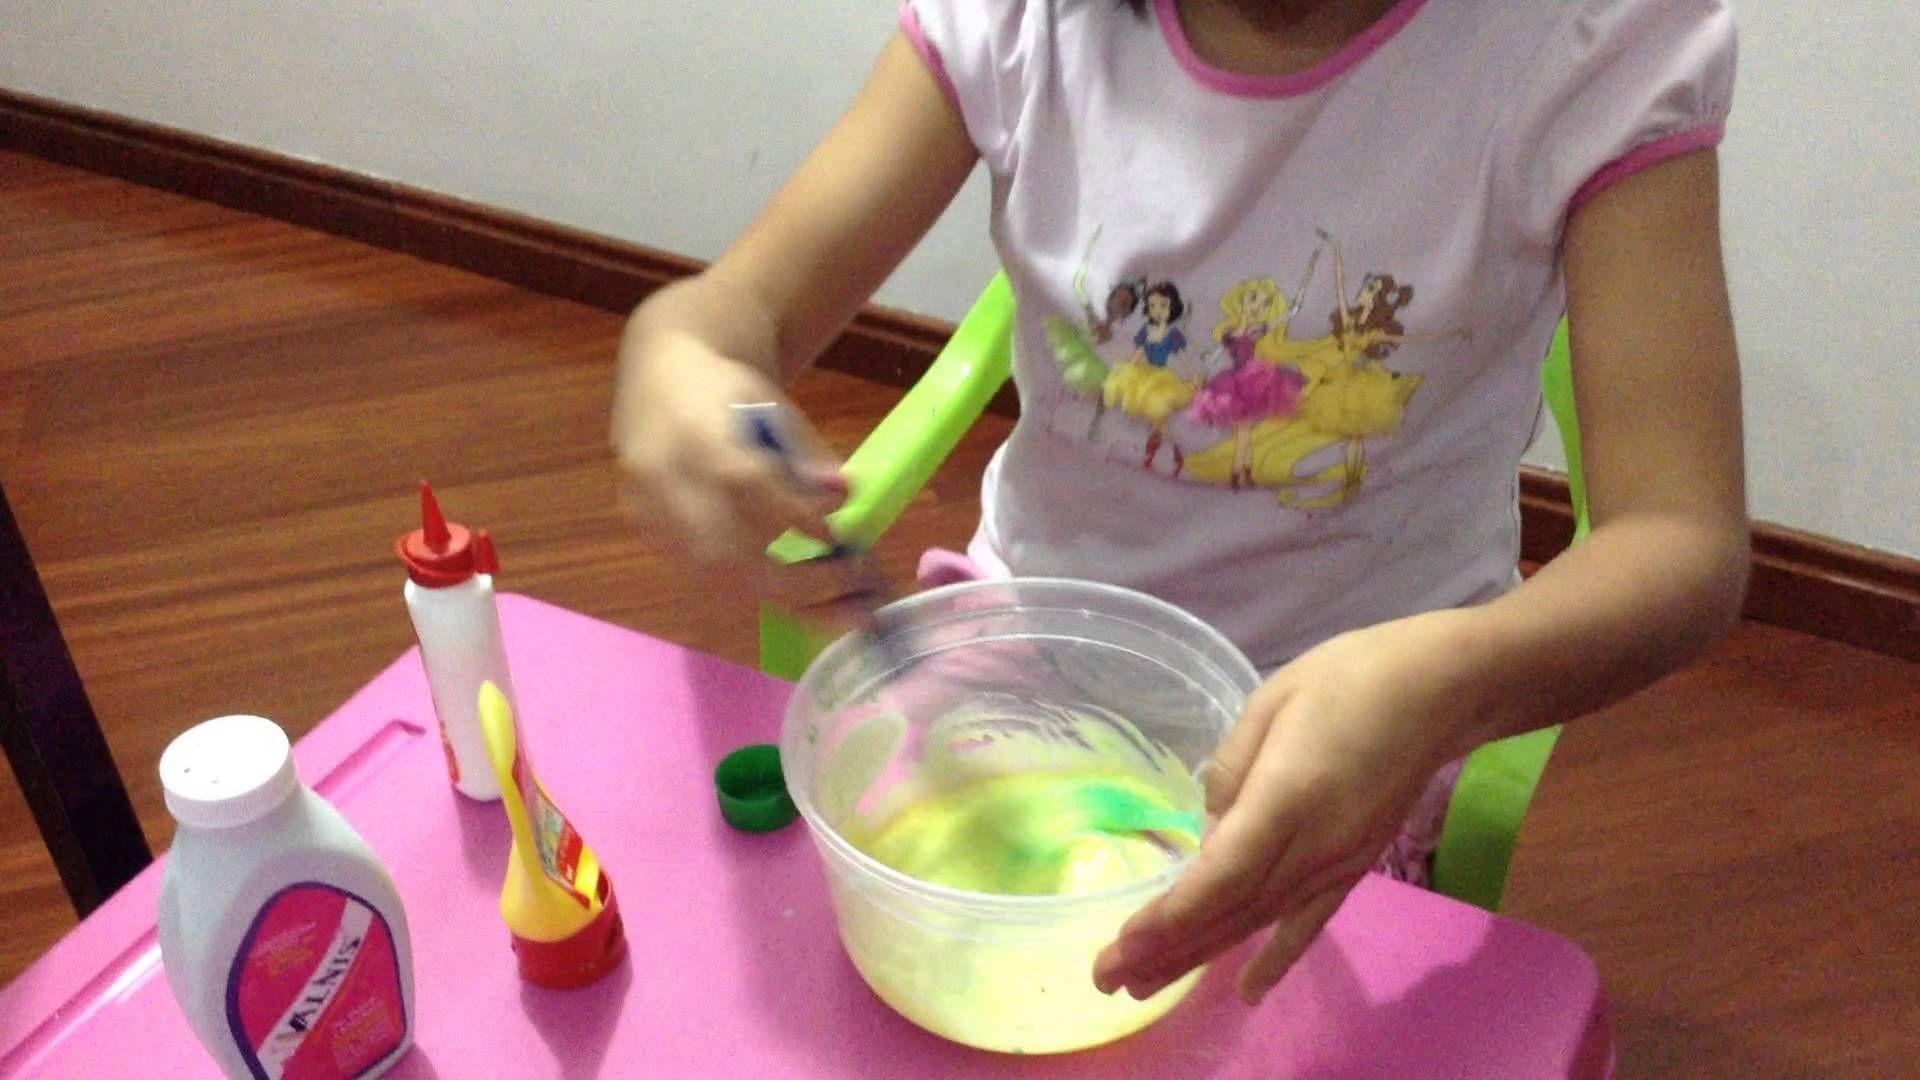 Como hacer slime o moco de gorila sin brax cmo se hace como hacer slime o moco de gorila sin brax ccuart Image collections